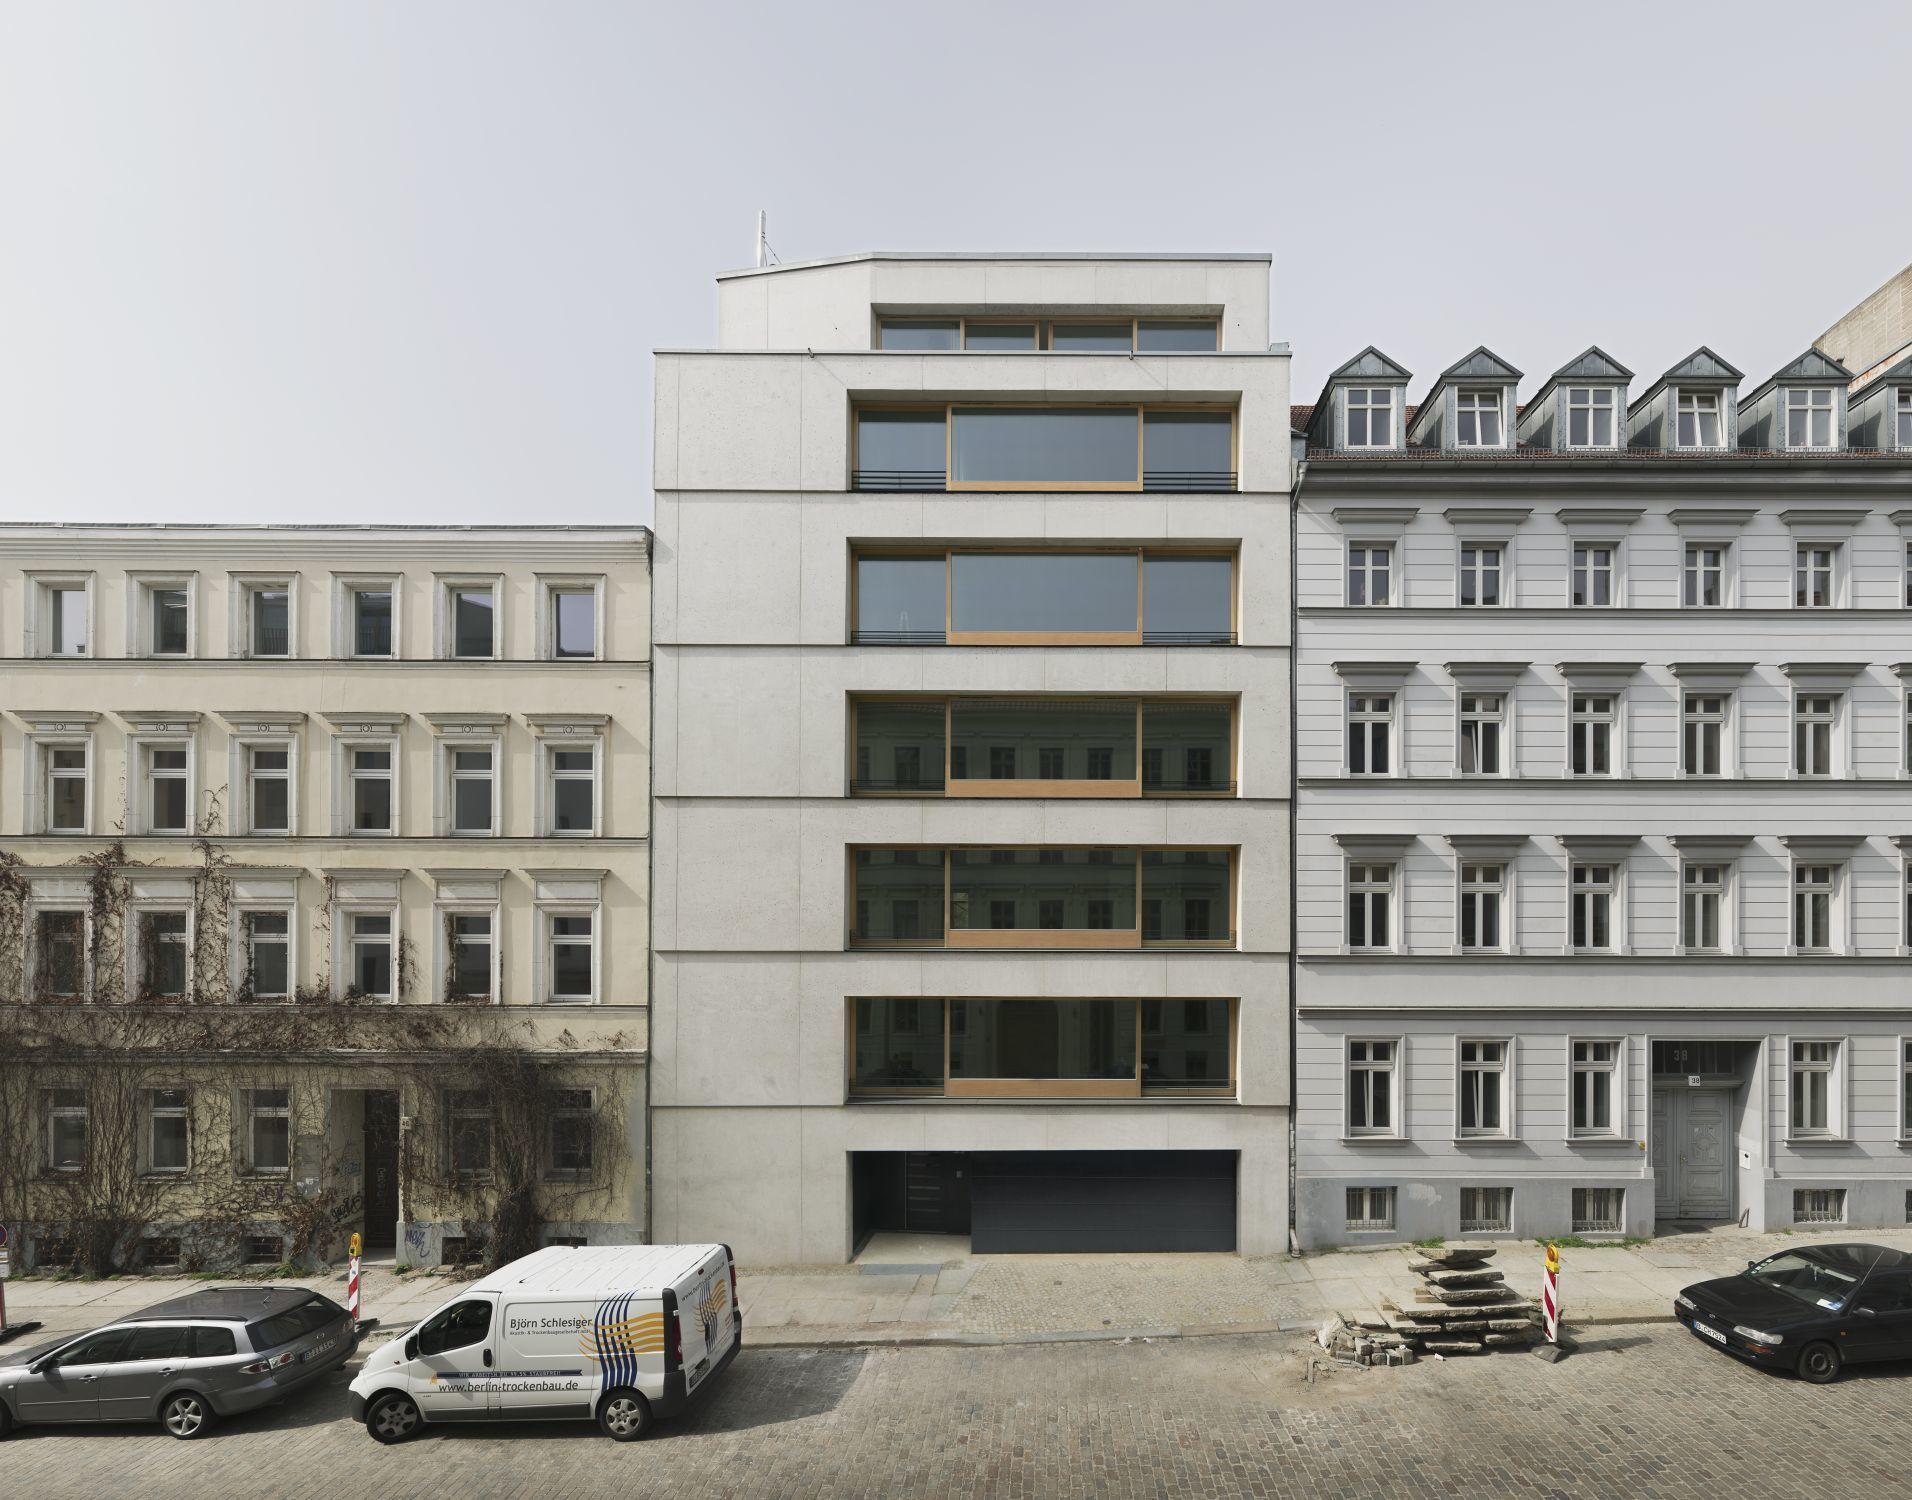 Brilliant Architekten In Berlin Sammlung Von Christinenstraße 39, / Zanderroth Architekten, / Z.de